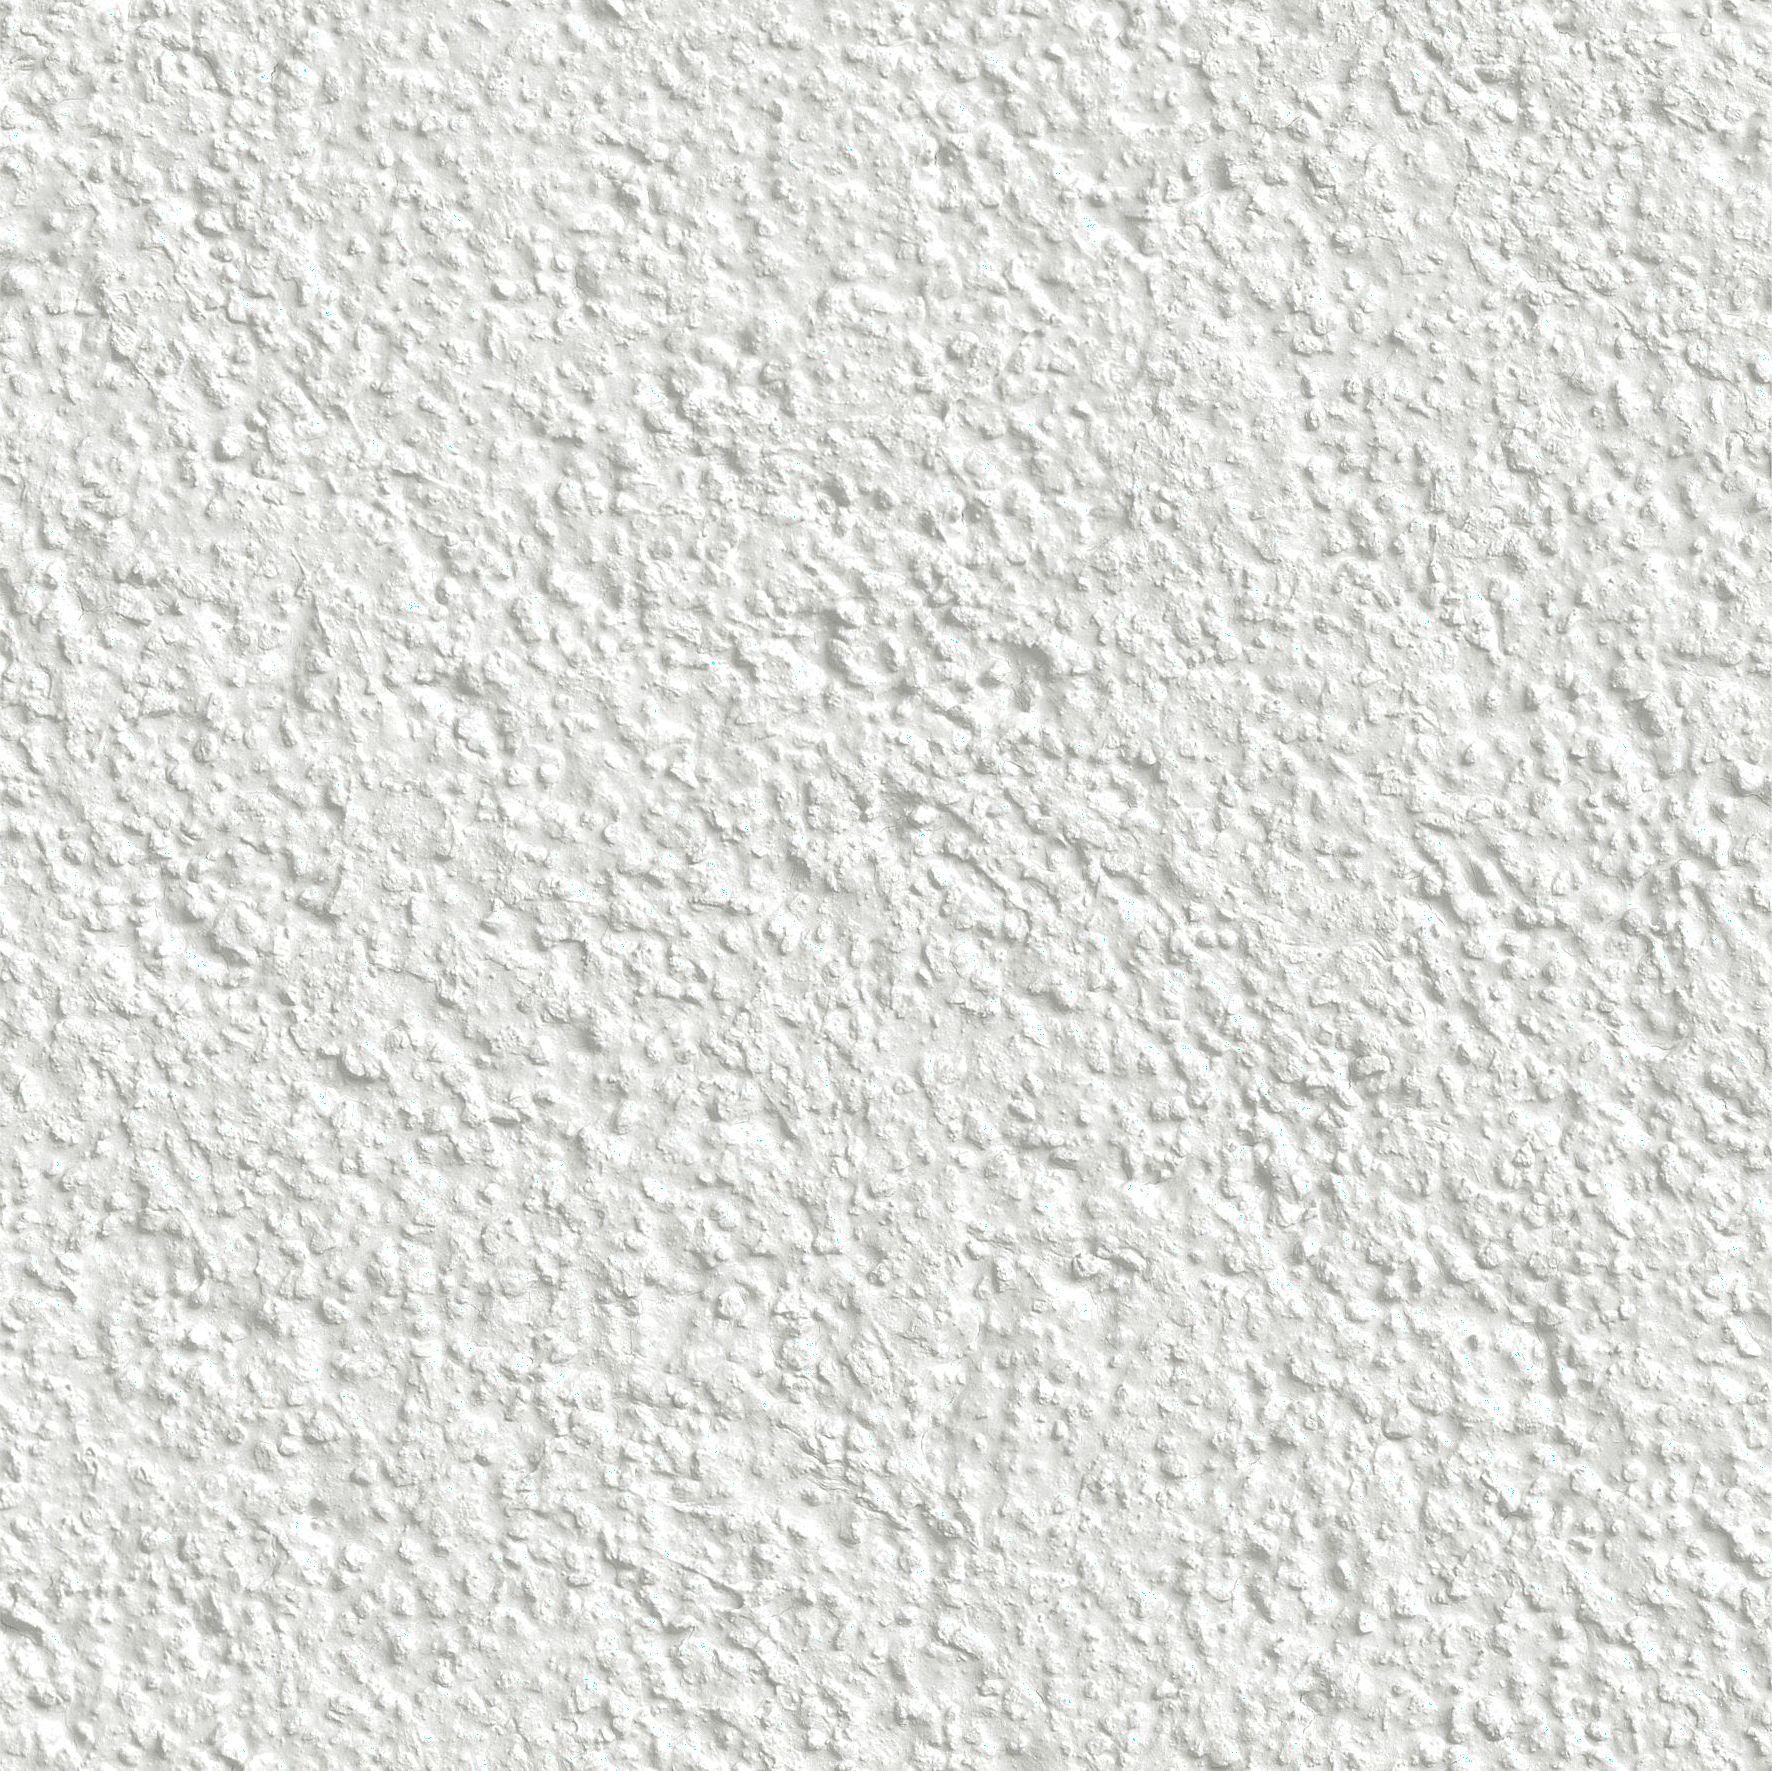 Favorit Scheibenputz - innen und außen - Mineralische Dekorputze EP33